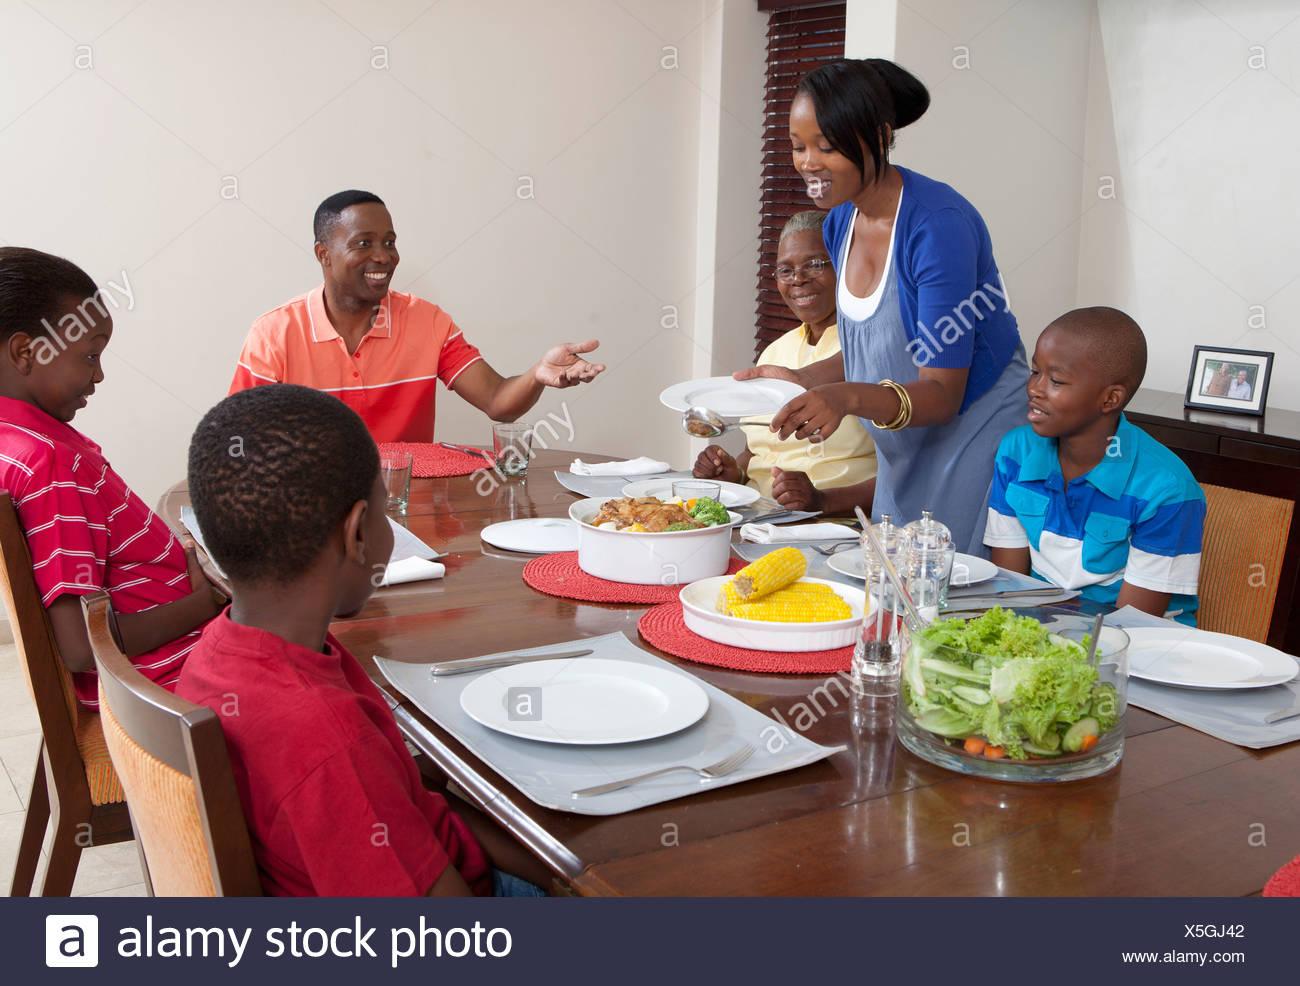 Madre sirviendo comida en la mesa de comedor, Johannesburgo, Sudáfrica Imagen De Stock